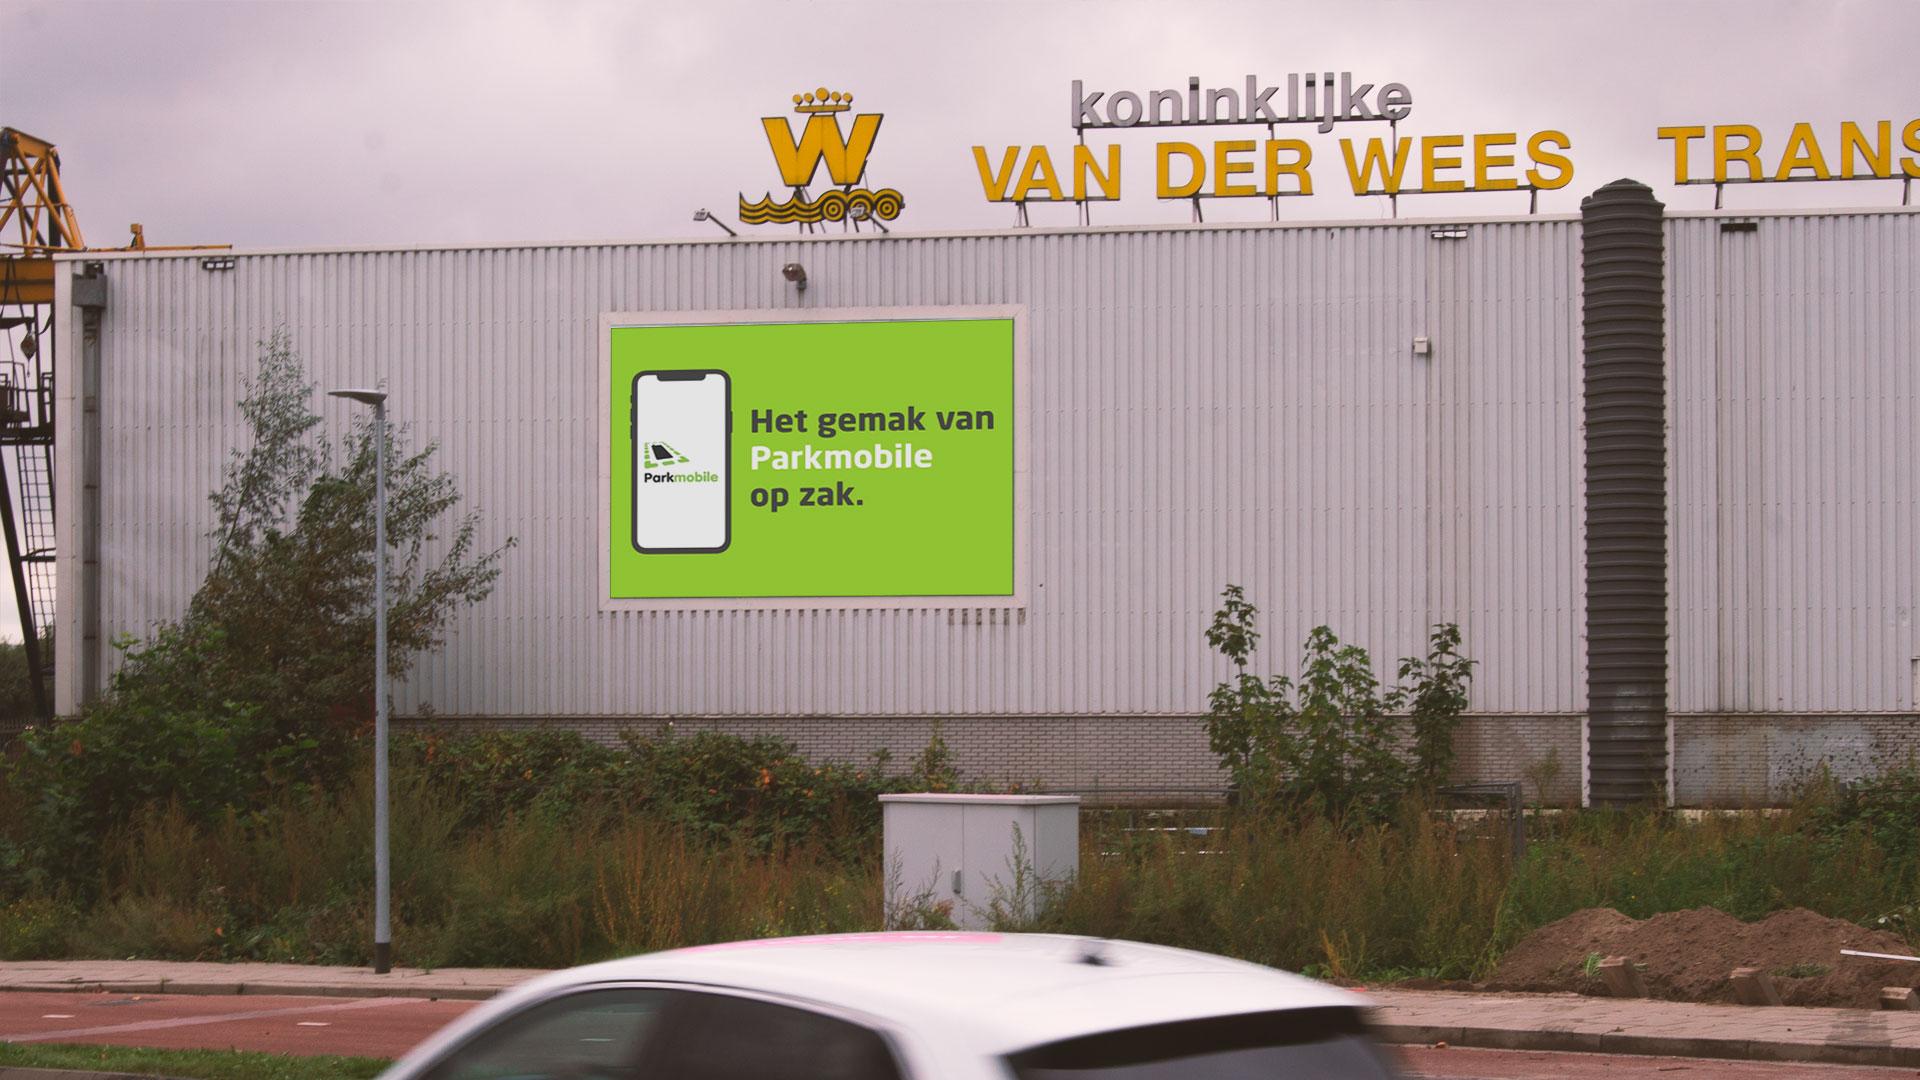 dordrecht digitaal billboard digitale buitenreclame